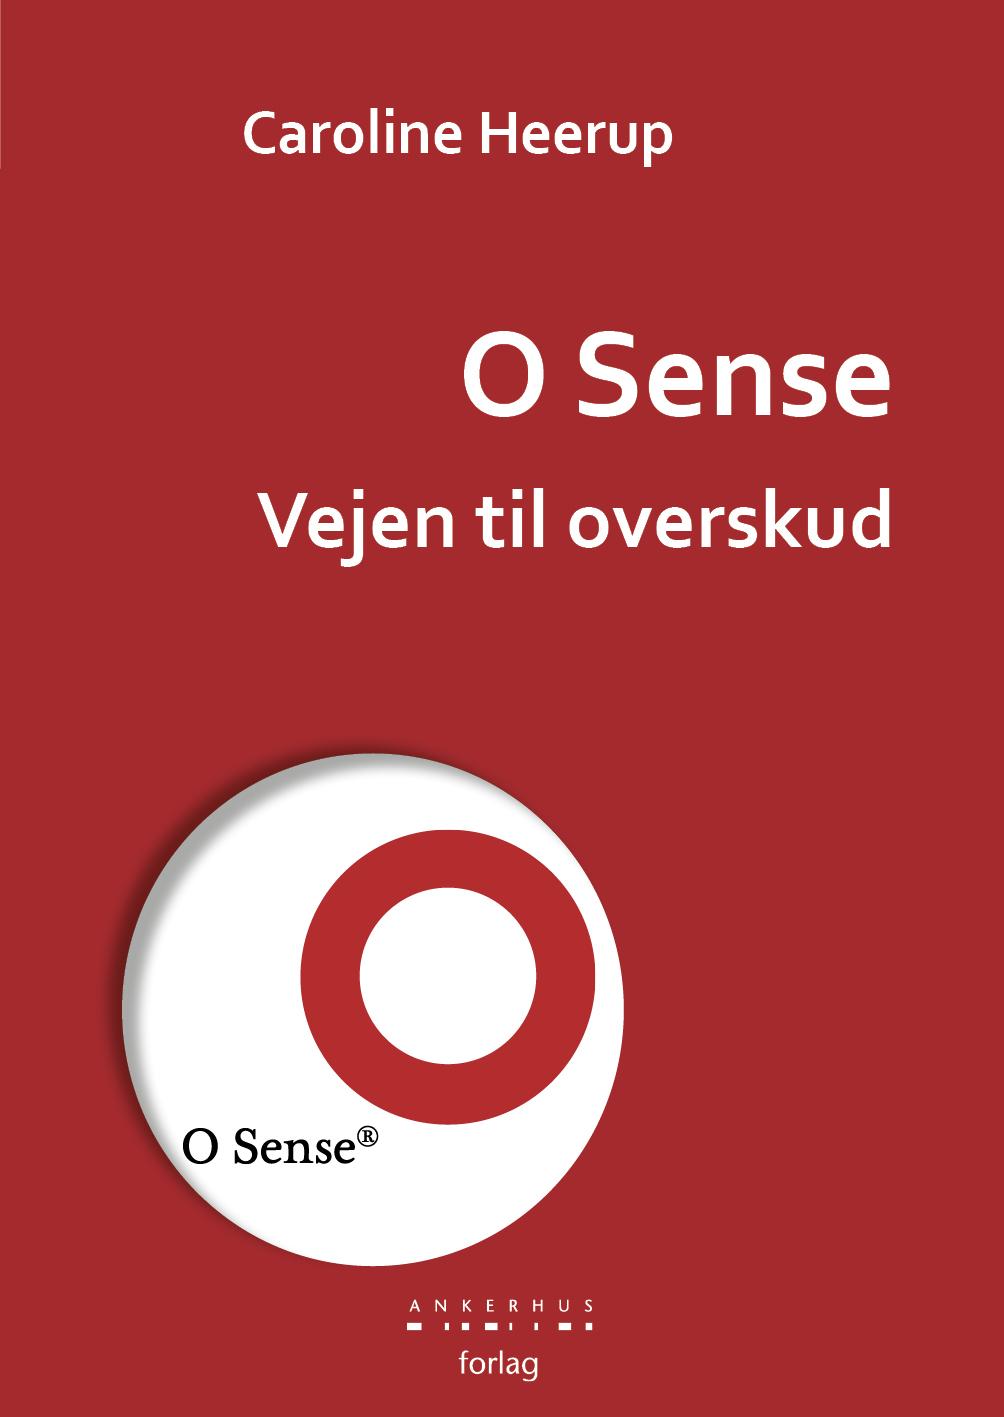 O Sense